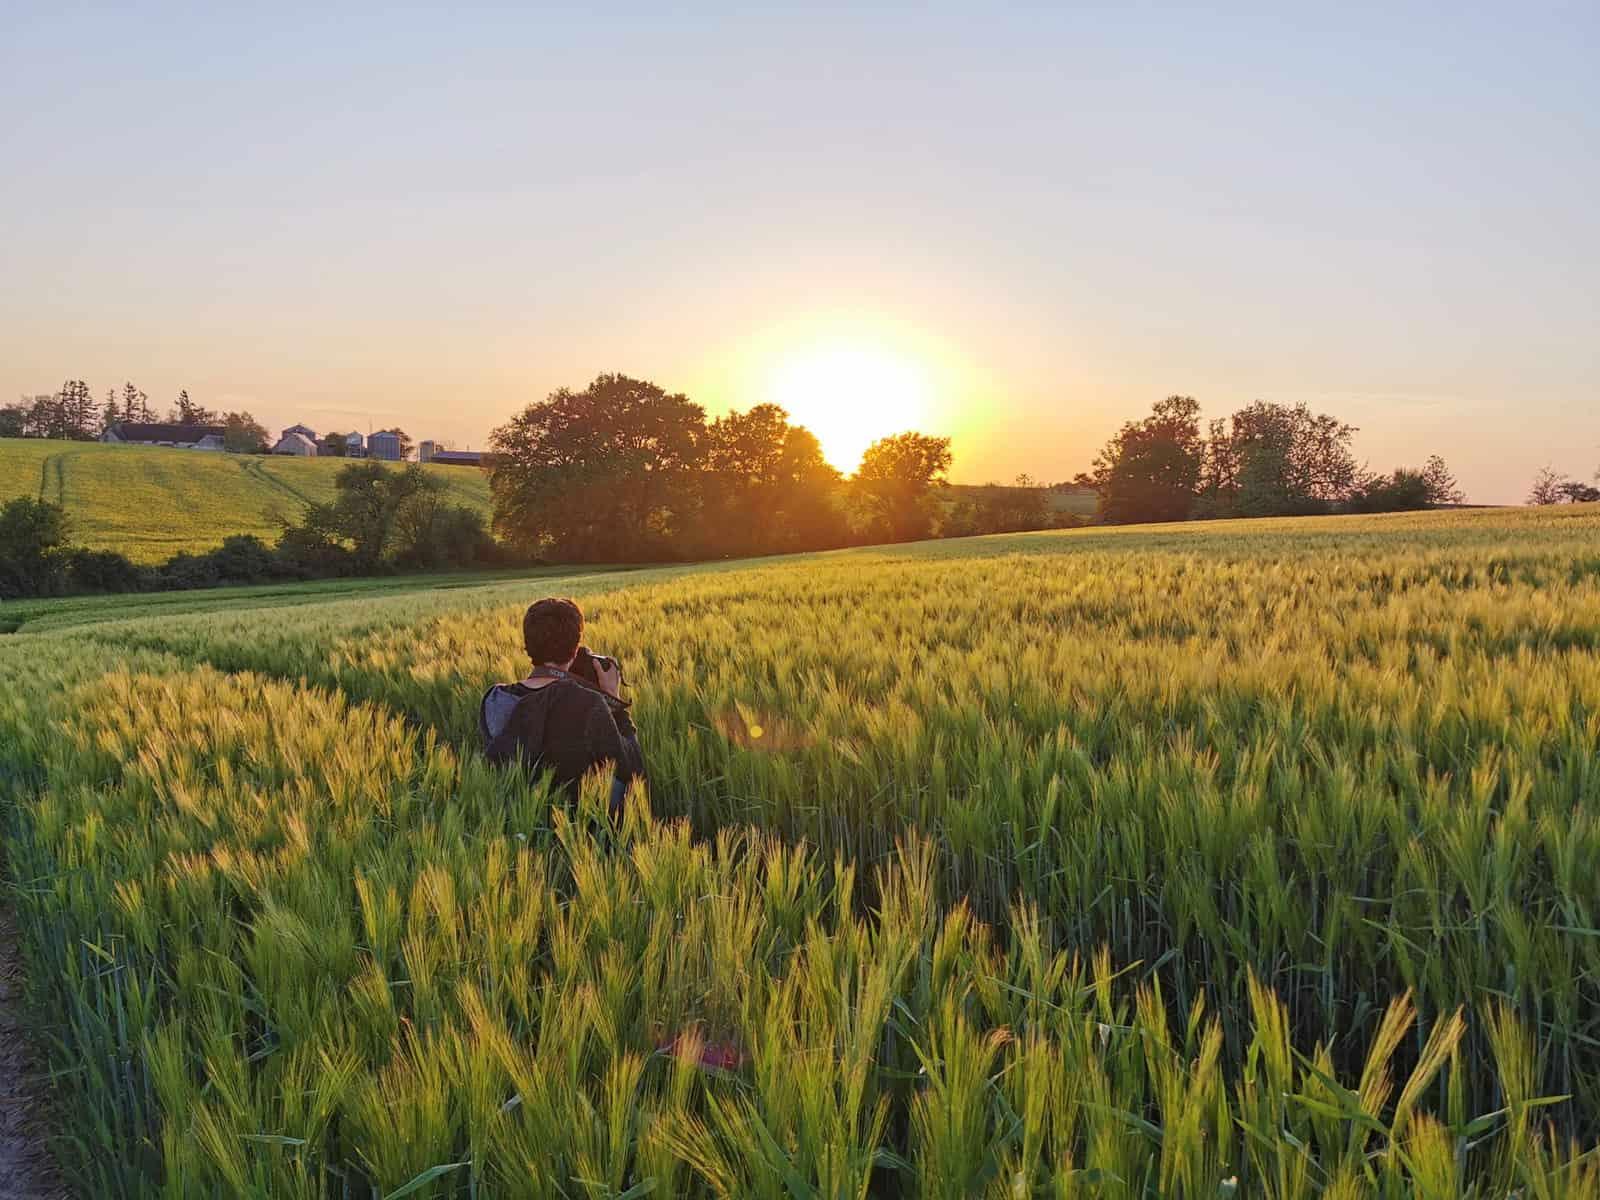 Photographe dans un champ d'orge au coucher du soleil